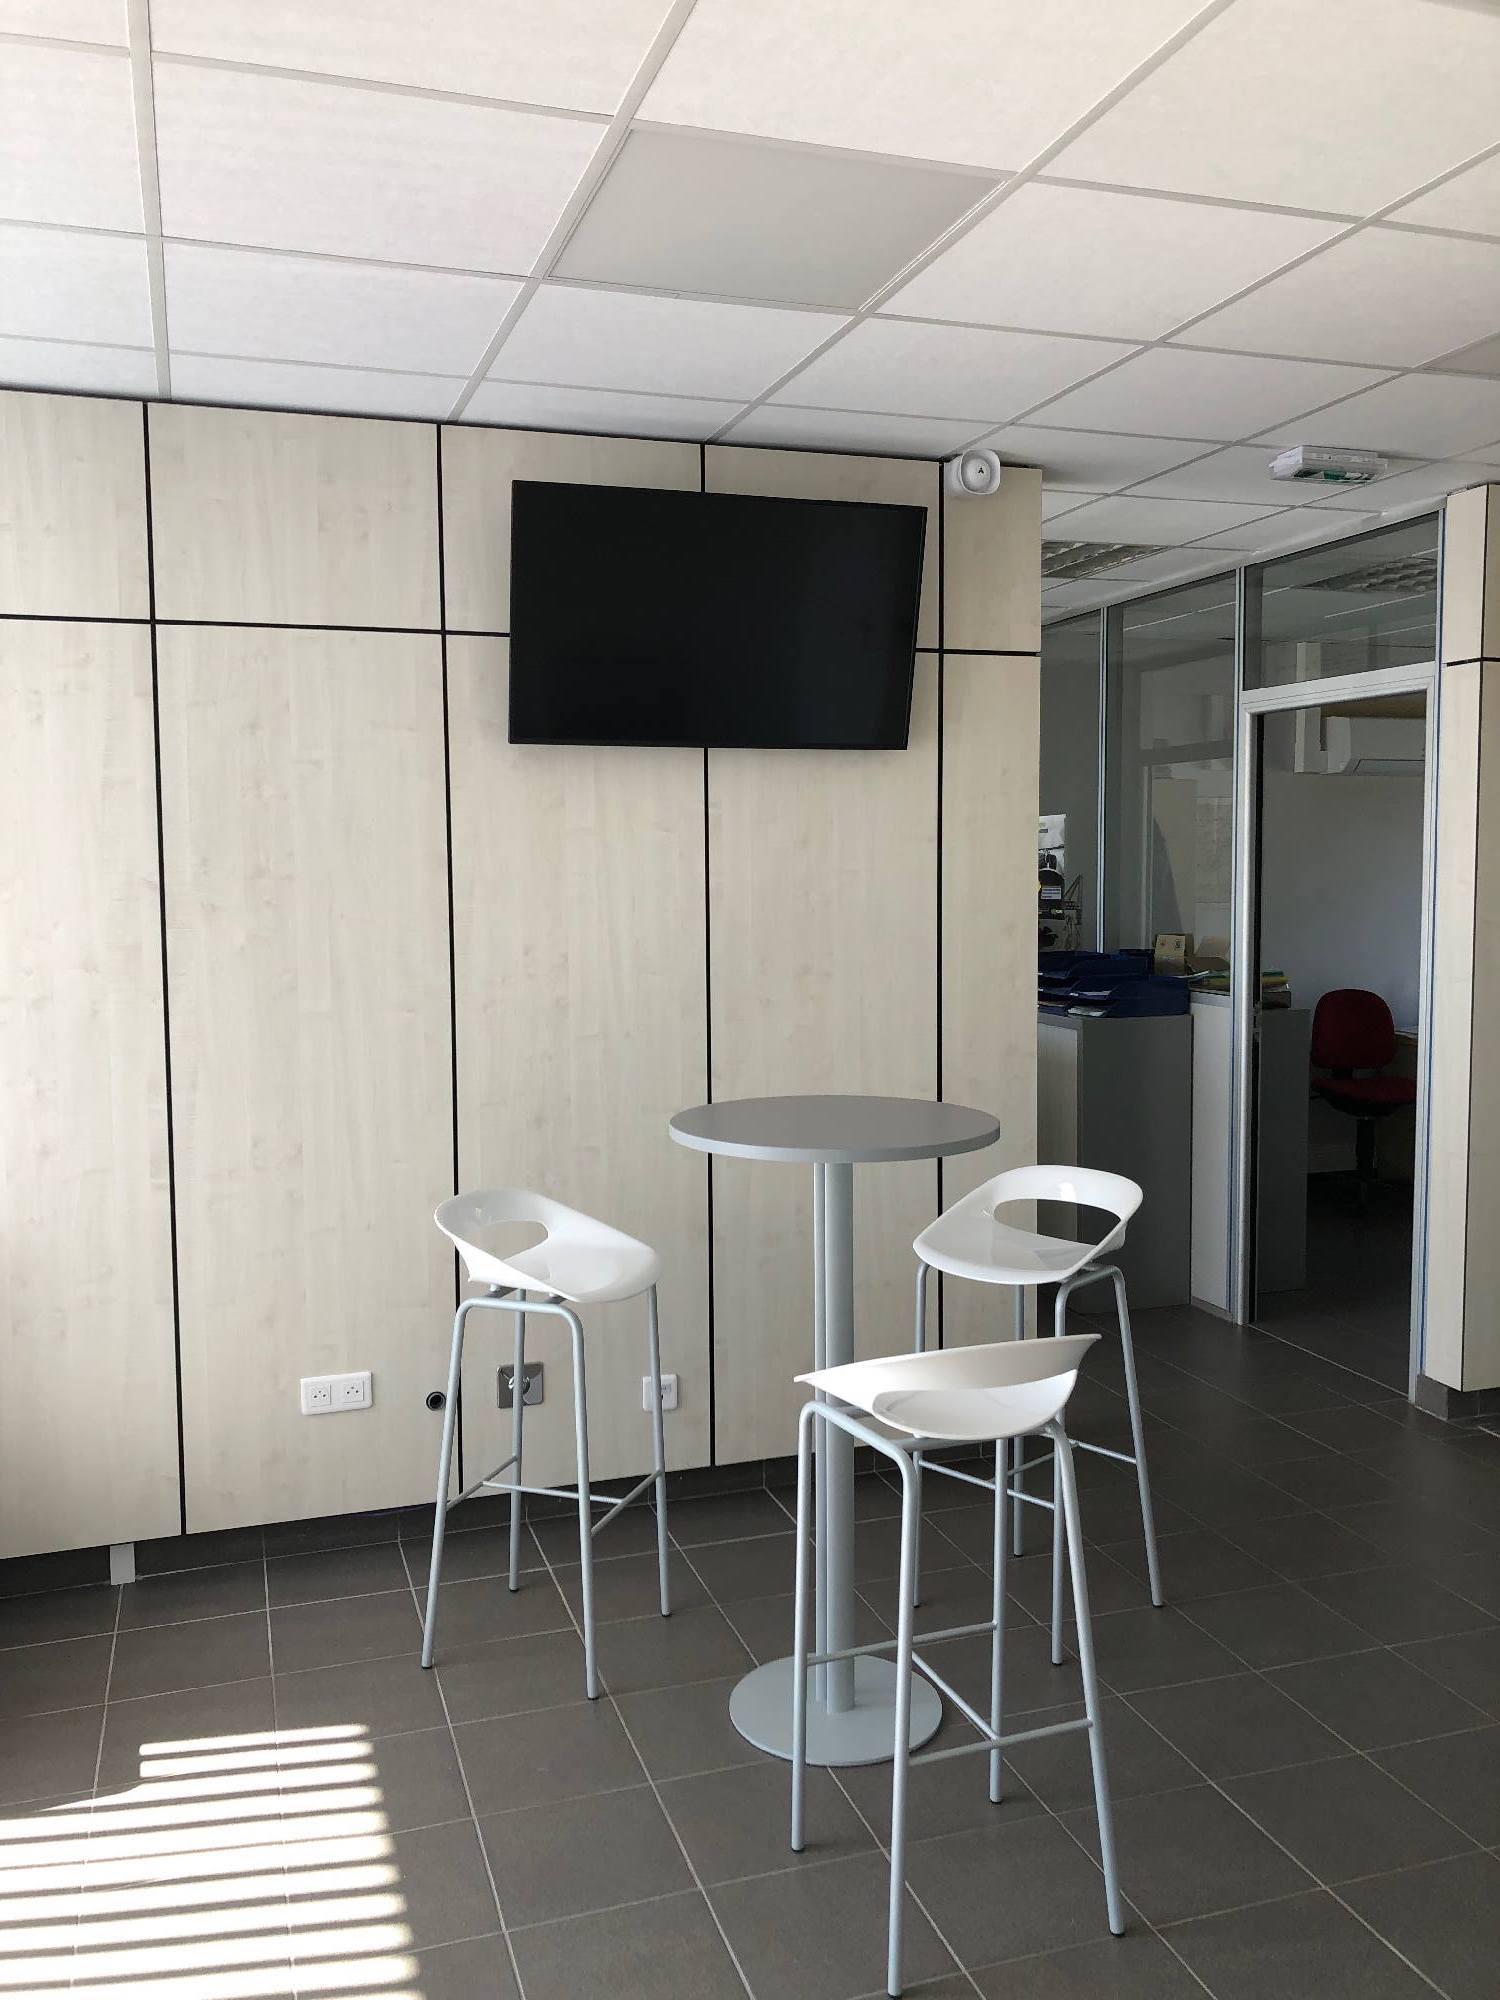 Installation d'un écran de télévision dans l'espace détente d'une entreprise de Anse